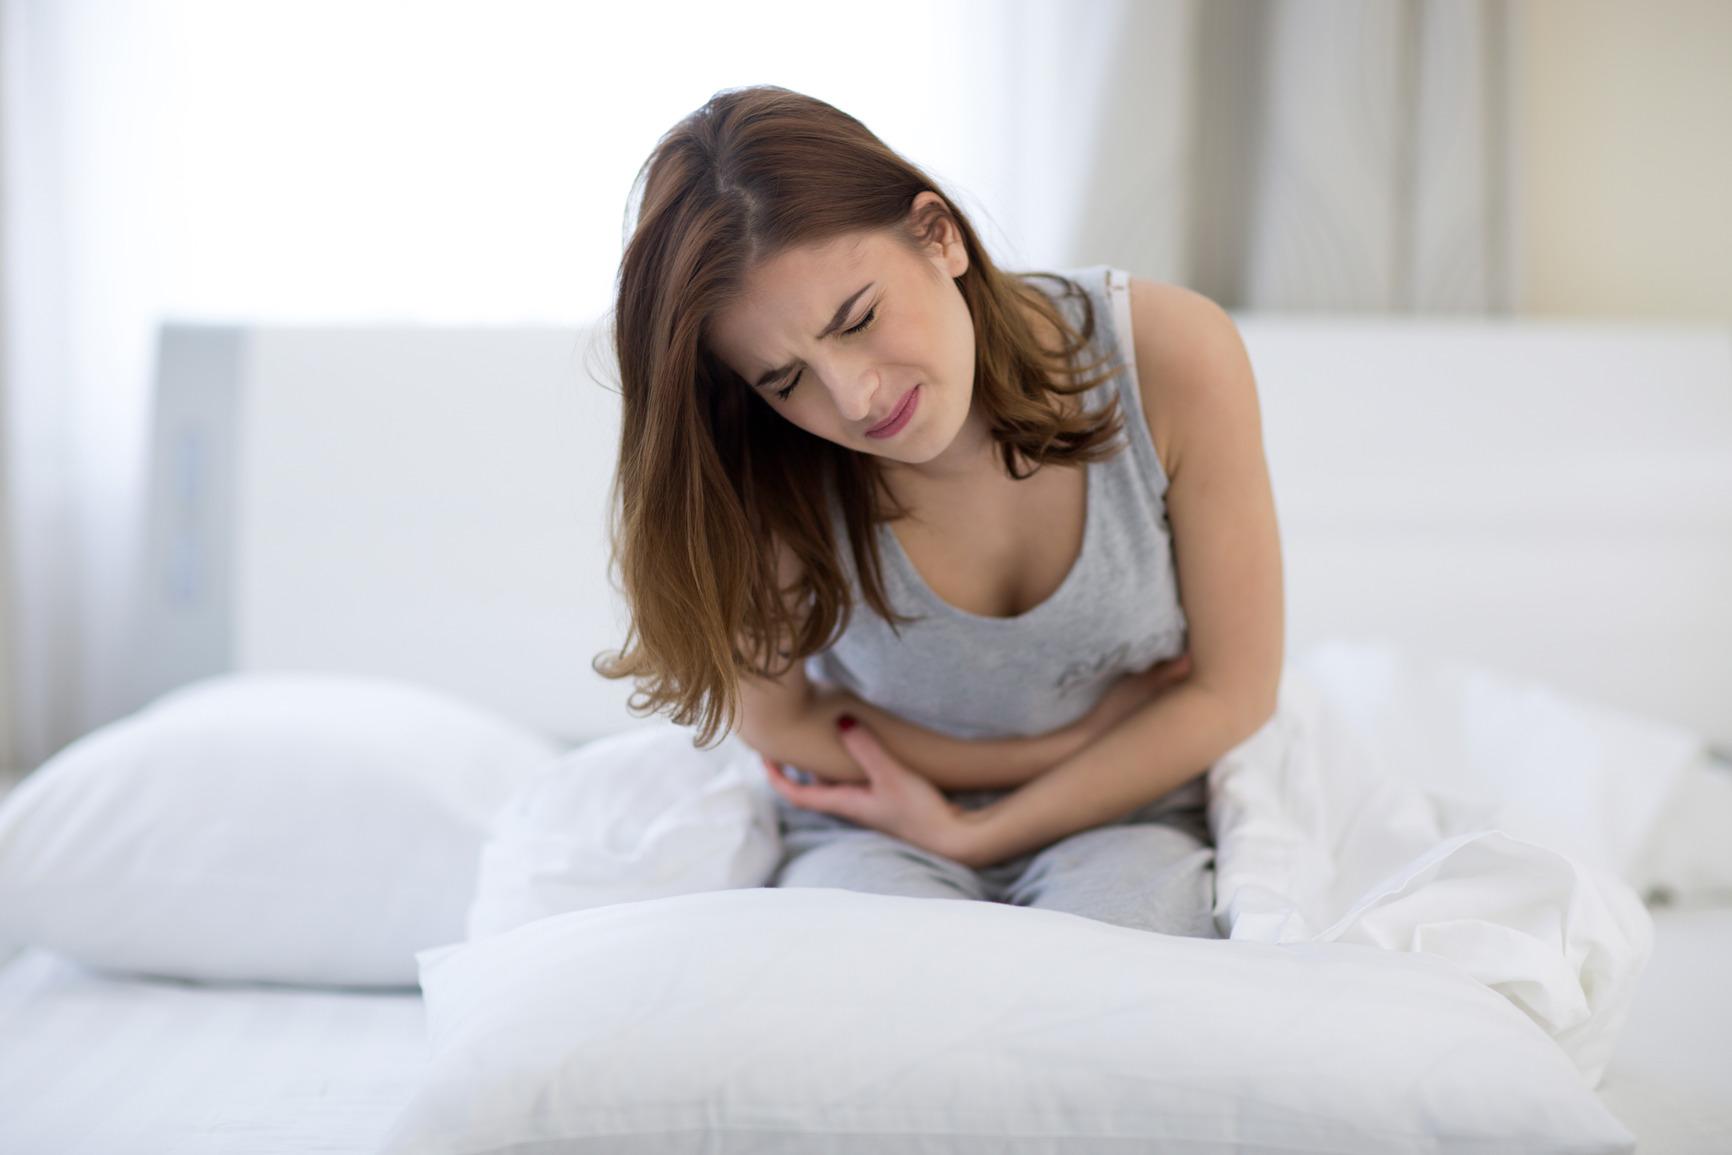 Гангренозный аппендицит: причины, симптомы, методы диагностики и лечения